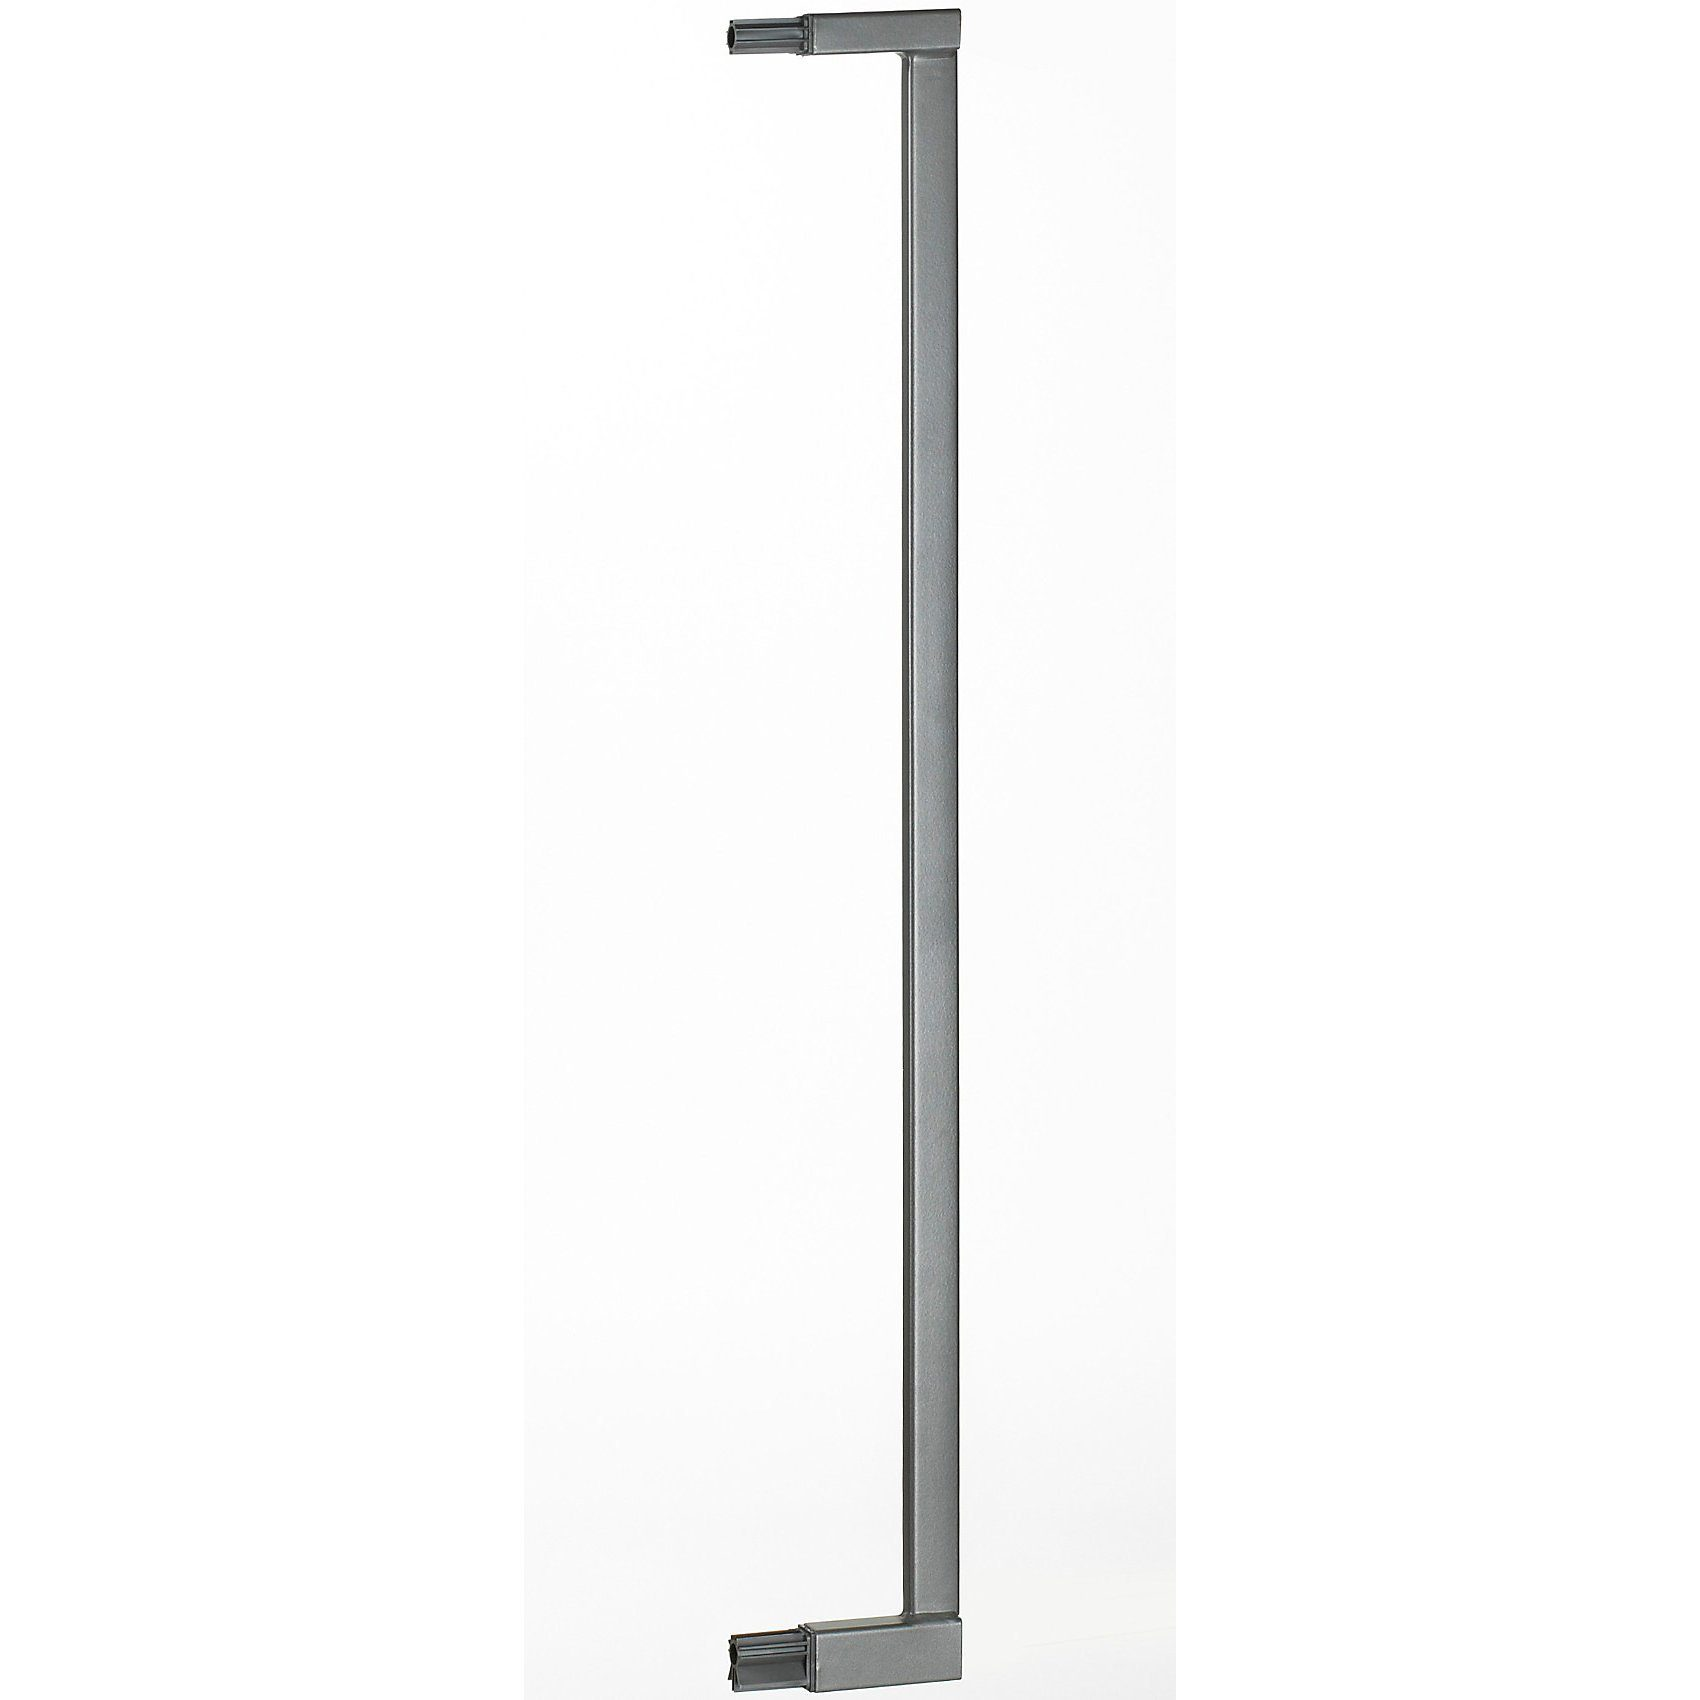 Geuther Verlängerung für Easy Lock, 8 cm, silberfarbig (0091VSSI)